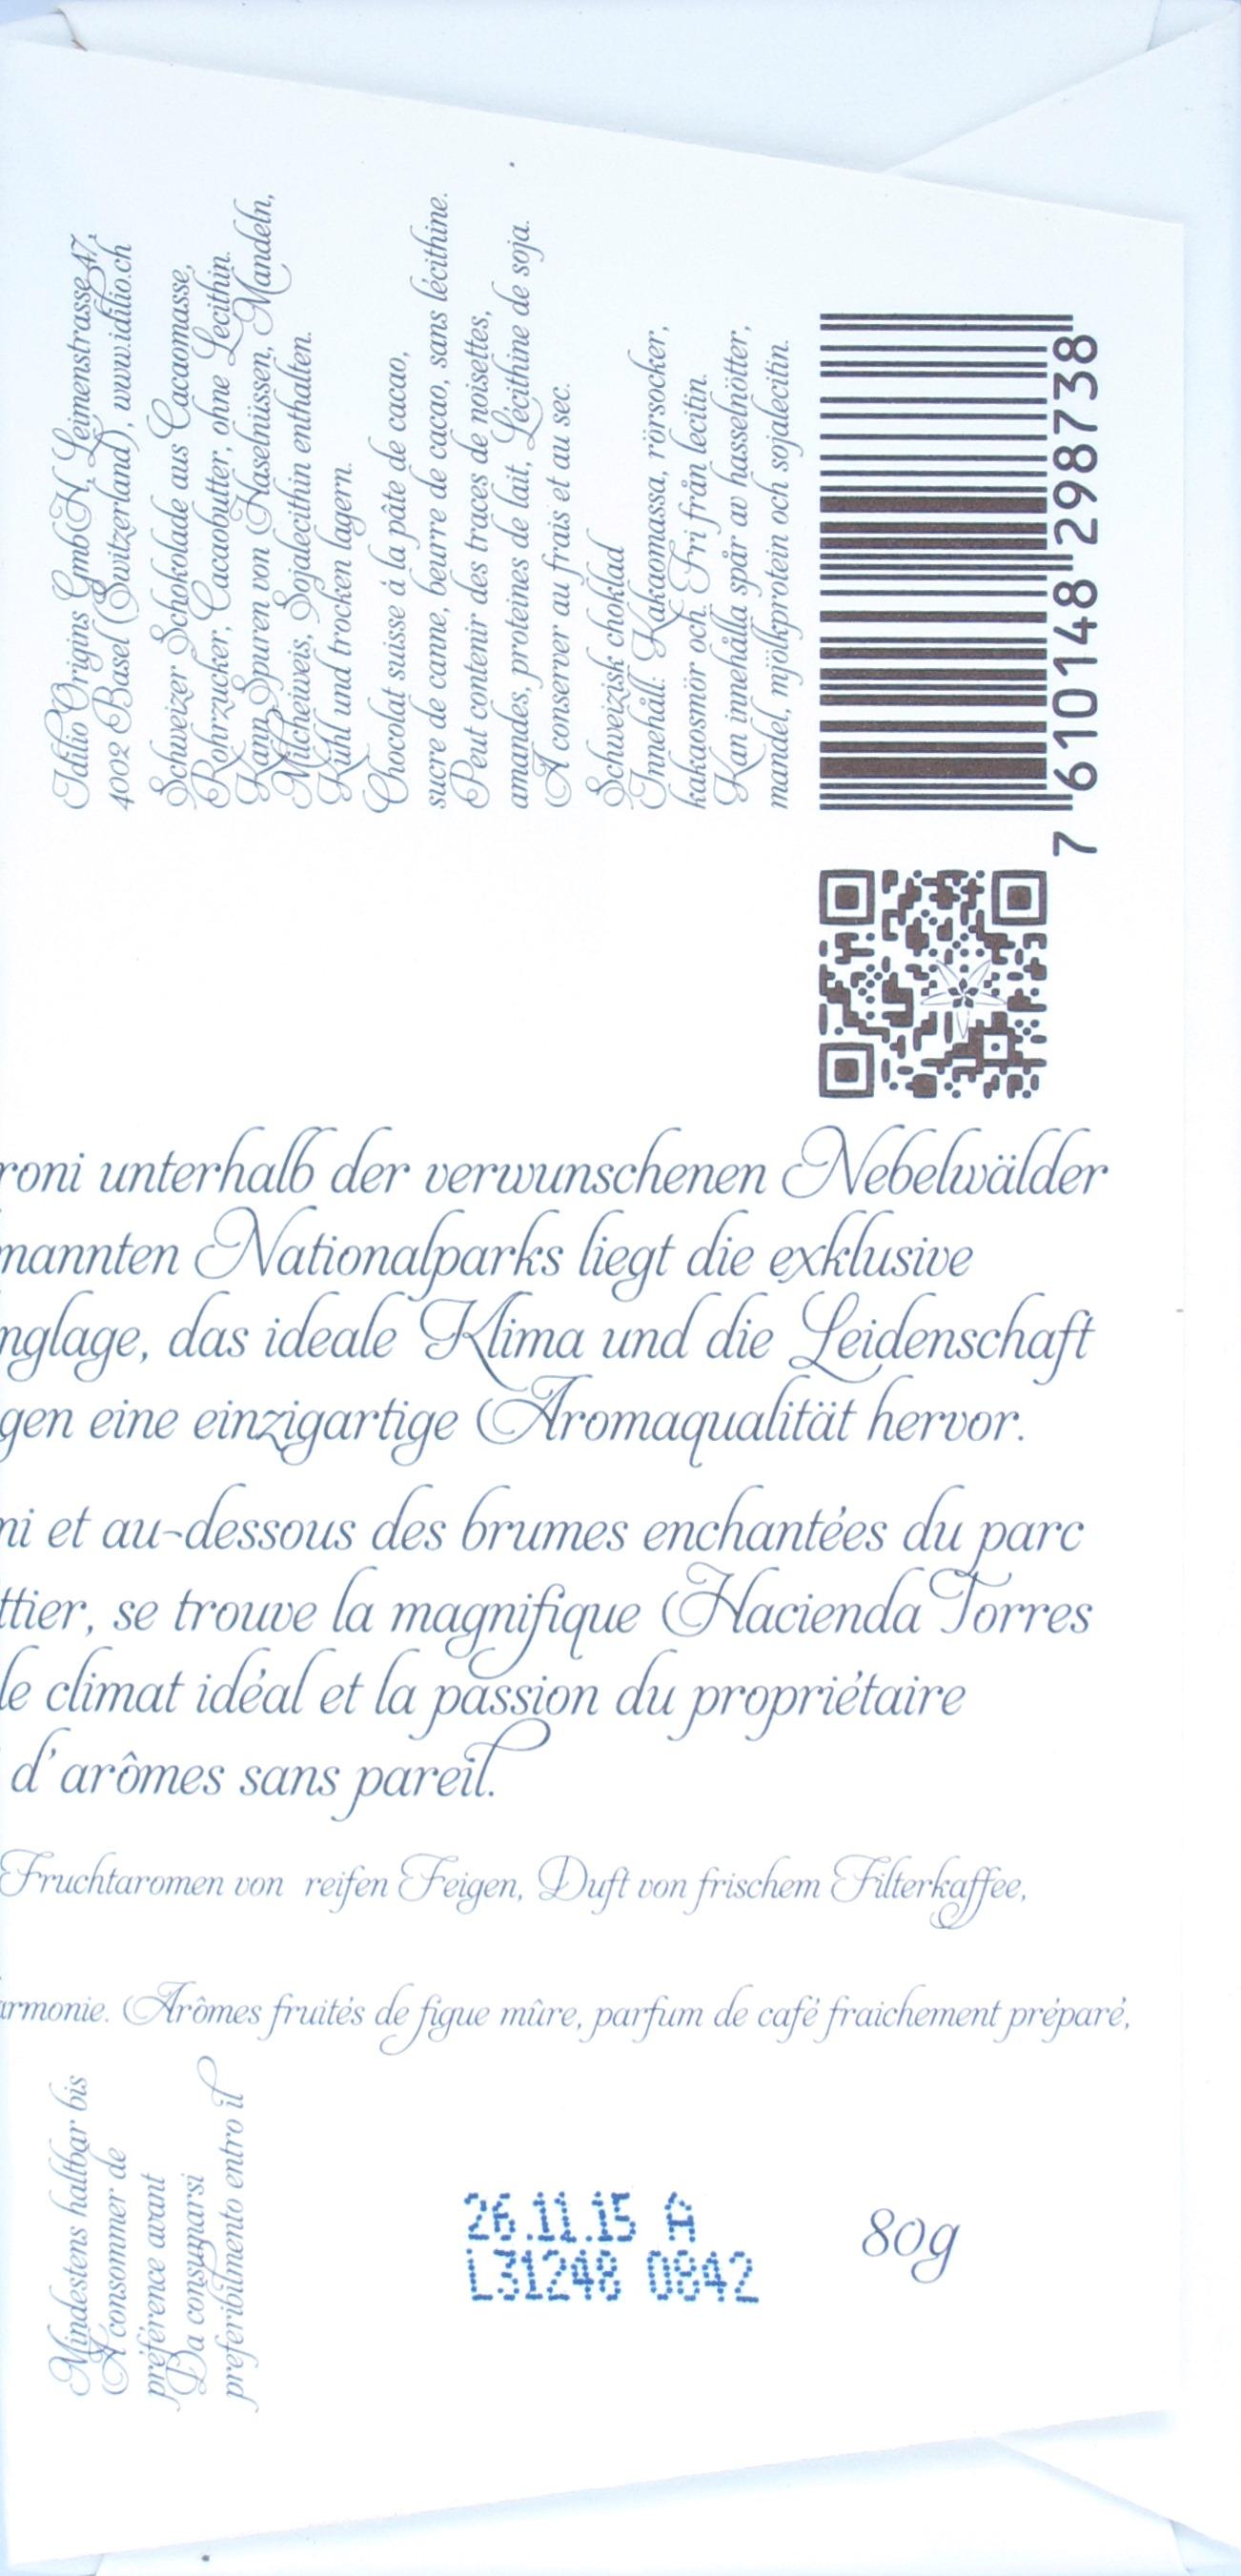 Bitterschokolade 'Finca Torres' von Idilio (Schweiz), Inhaltsangaben